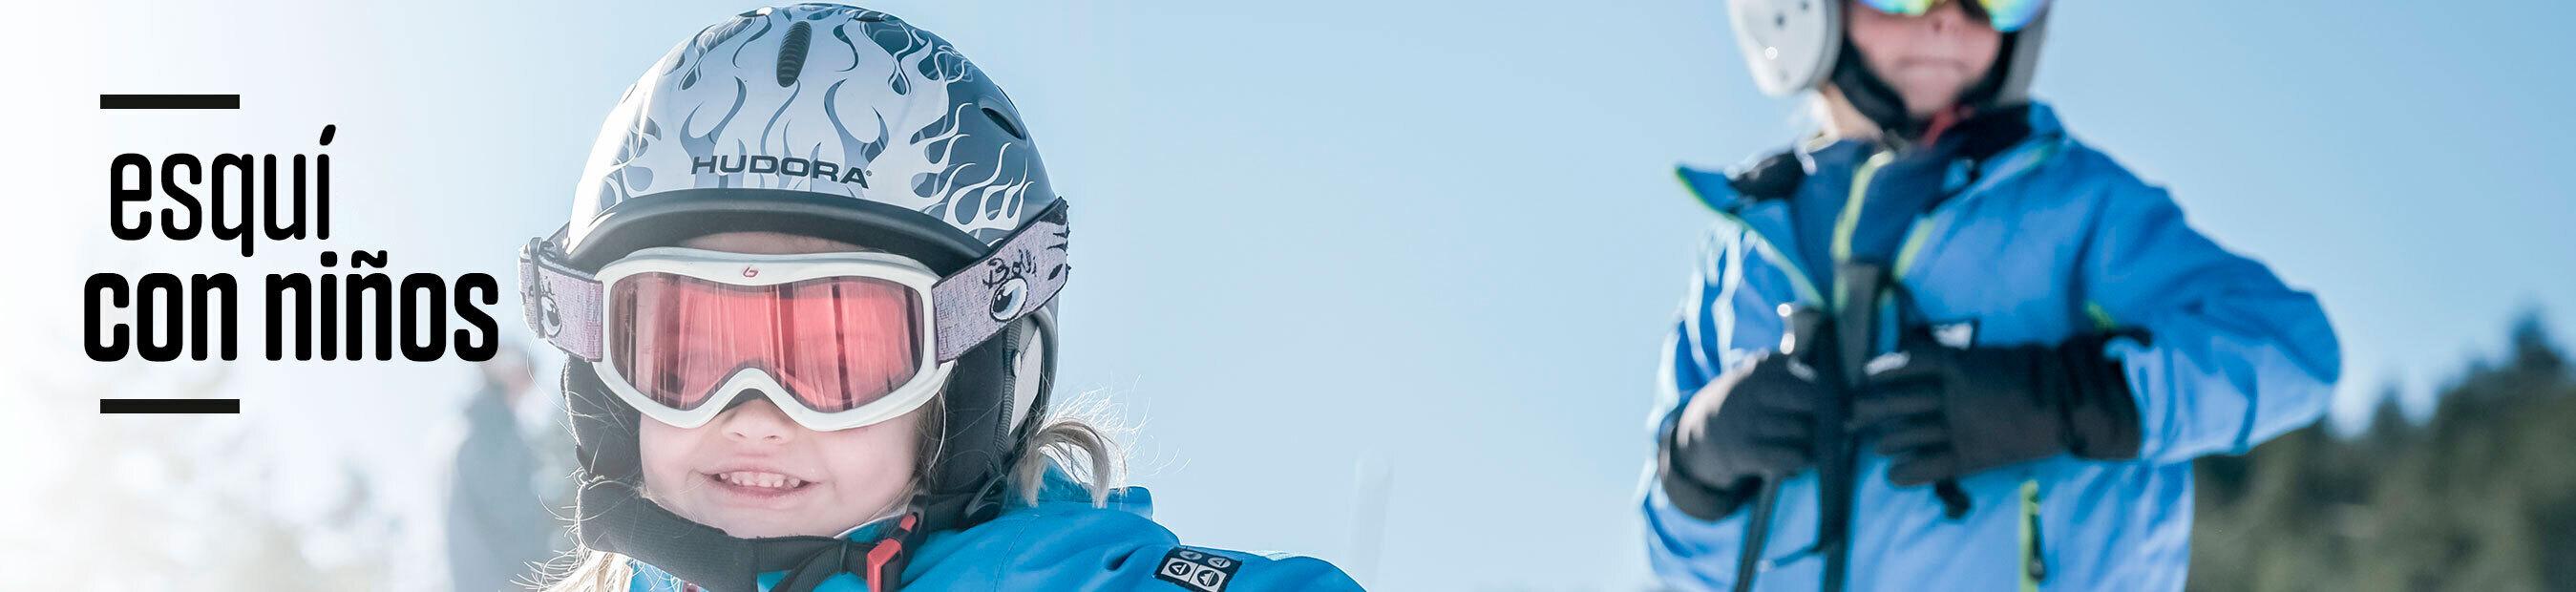 cabecera guia de esqui con niños